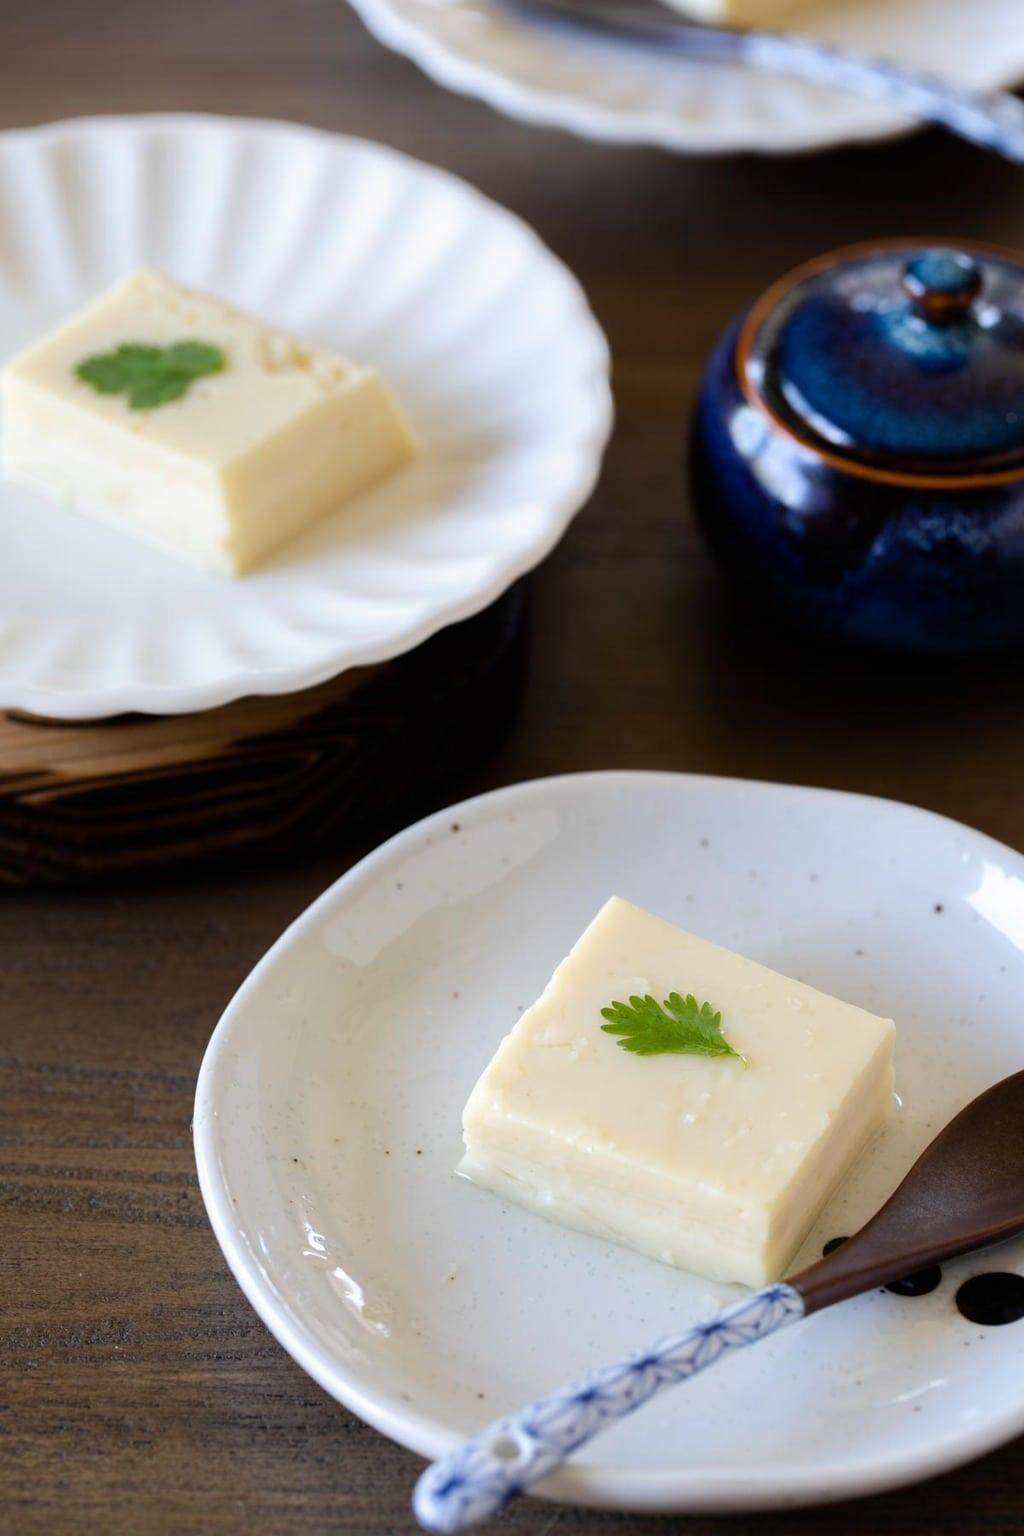 自製雞蛋豆腐 (玉子豆腐) Homemade egg tofu 原來這麼簡單!只要2樣材料